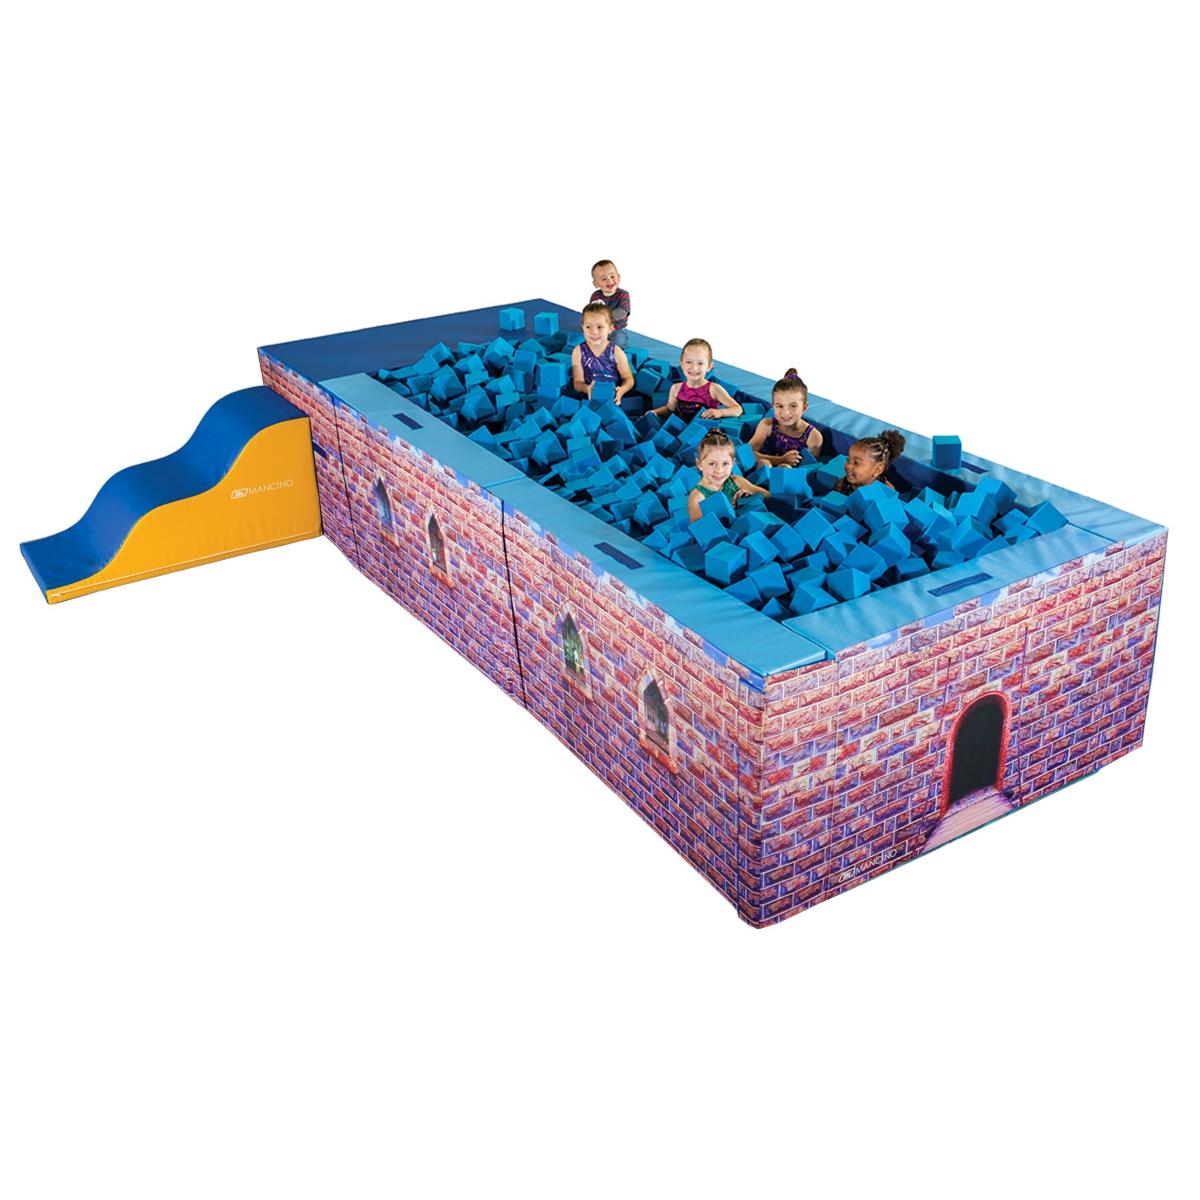 castle foam play foam pit - mancino mats